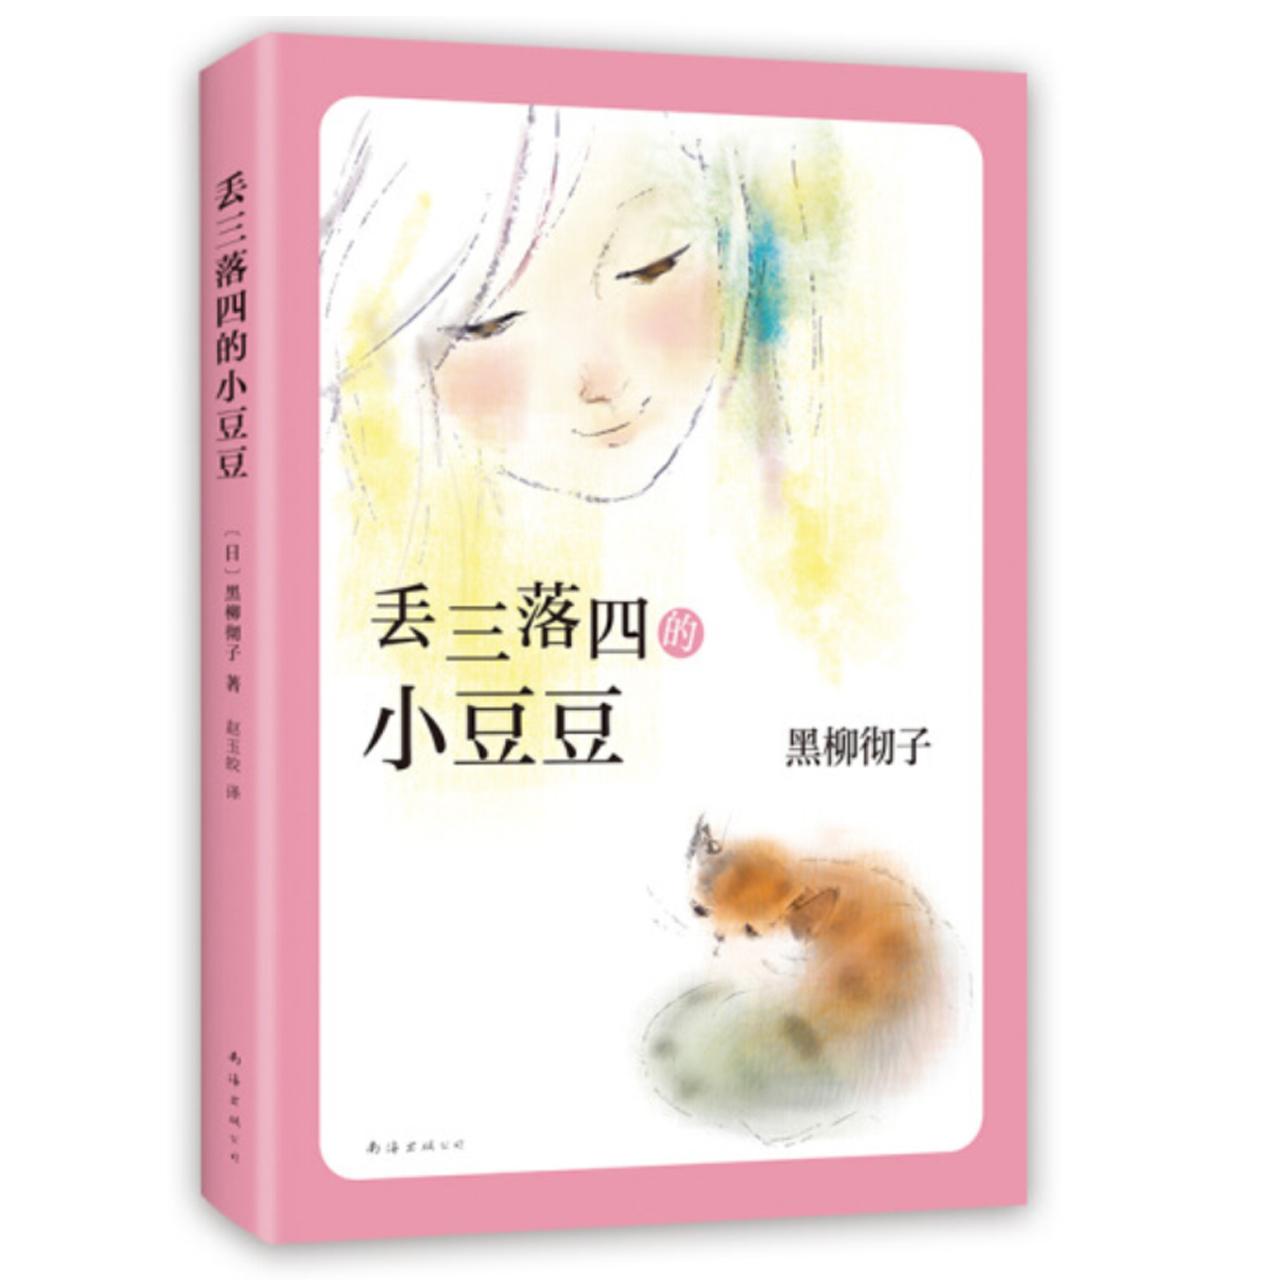 丢三落四的小豆豆【儿童小说/青少年读物/翻译文学】